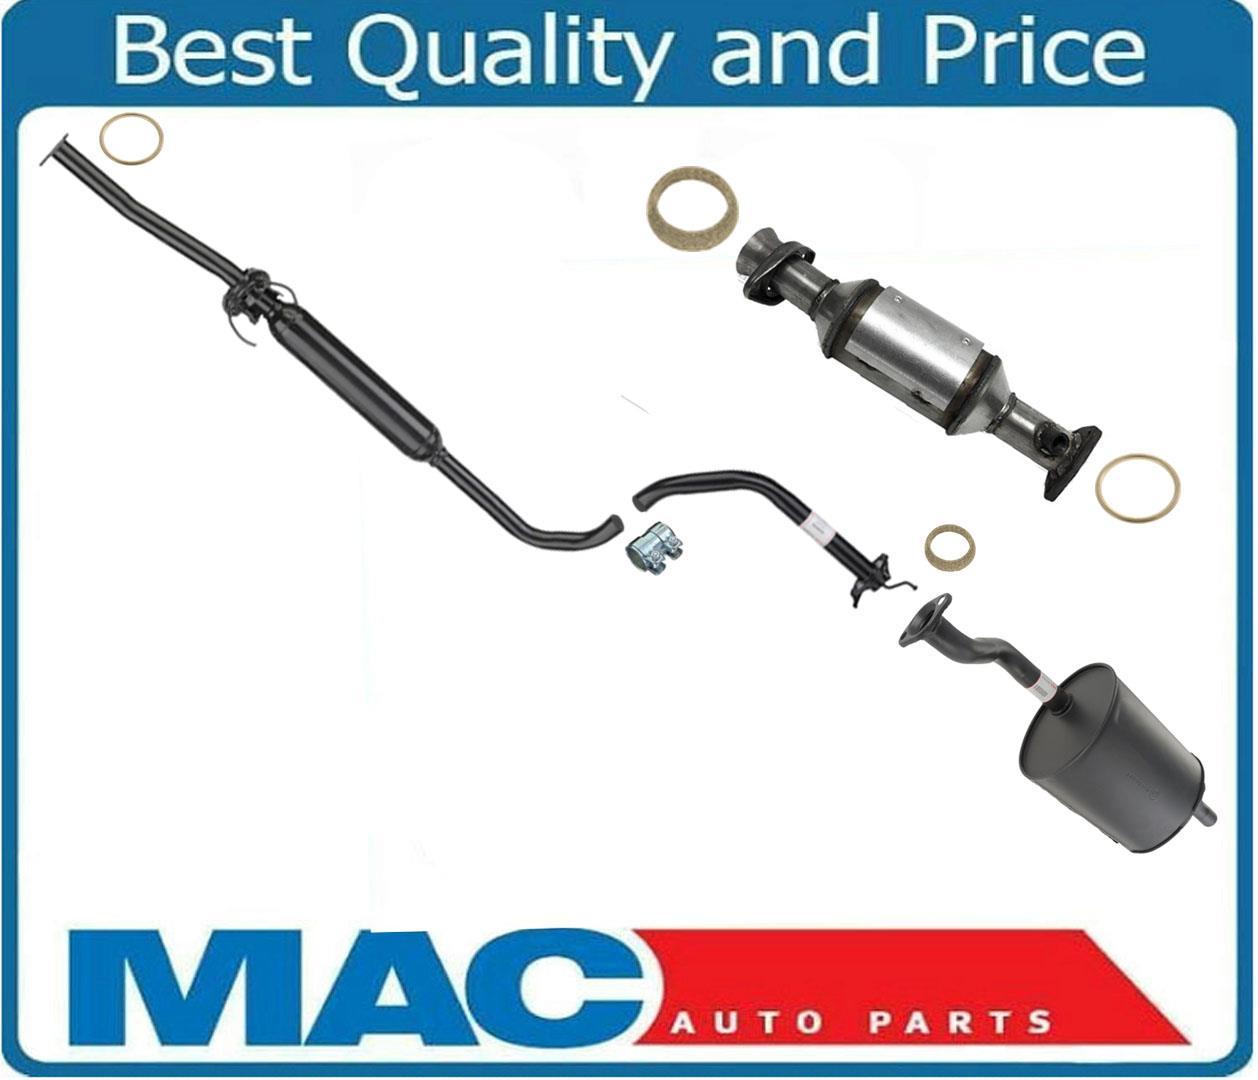 Rear Converter Resonator & Muffler For 96-01 Acura Integra